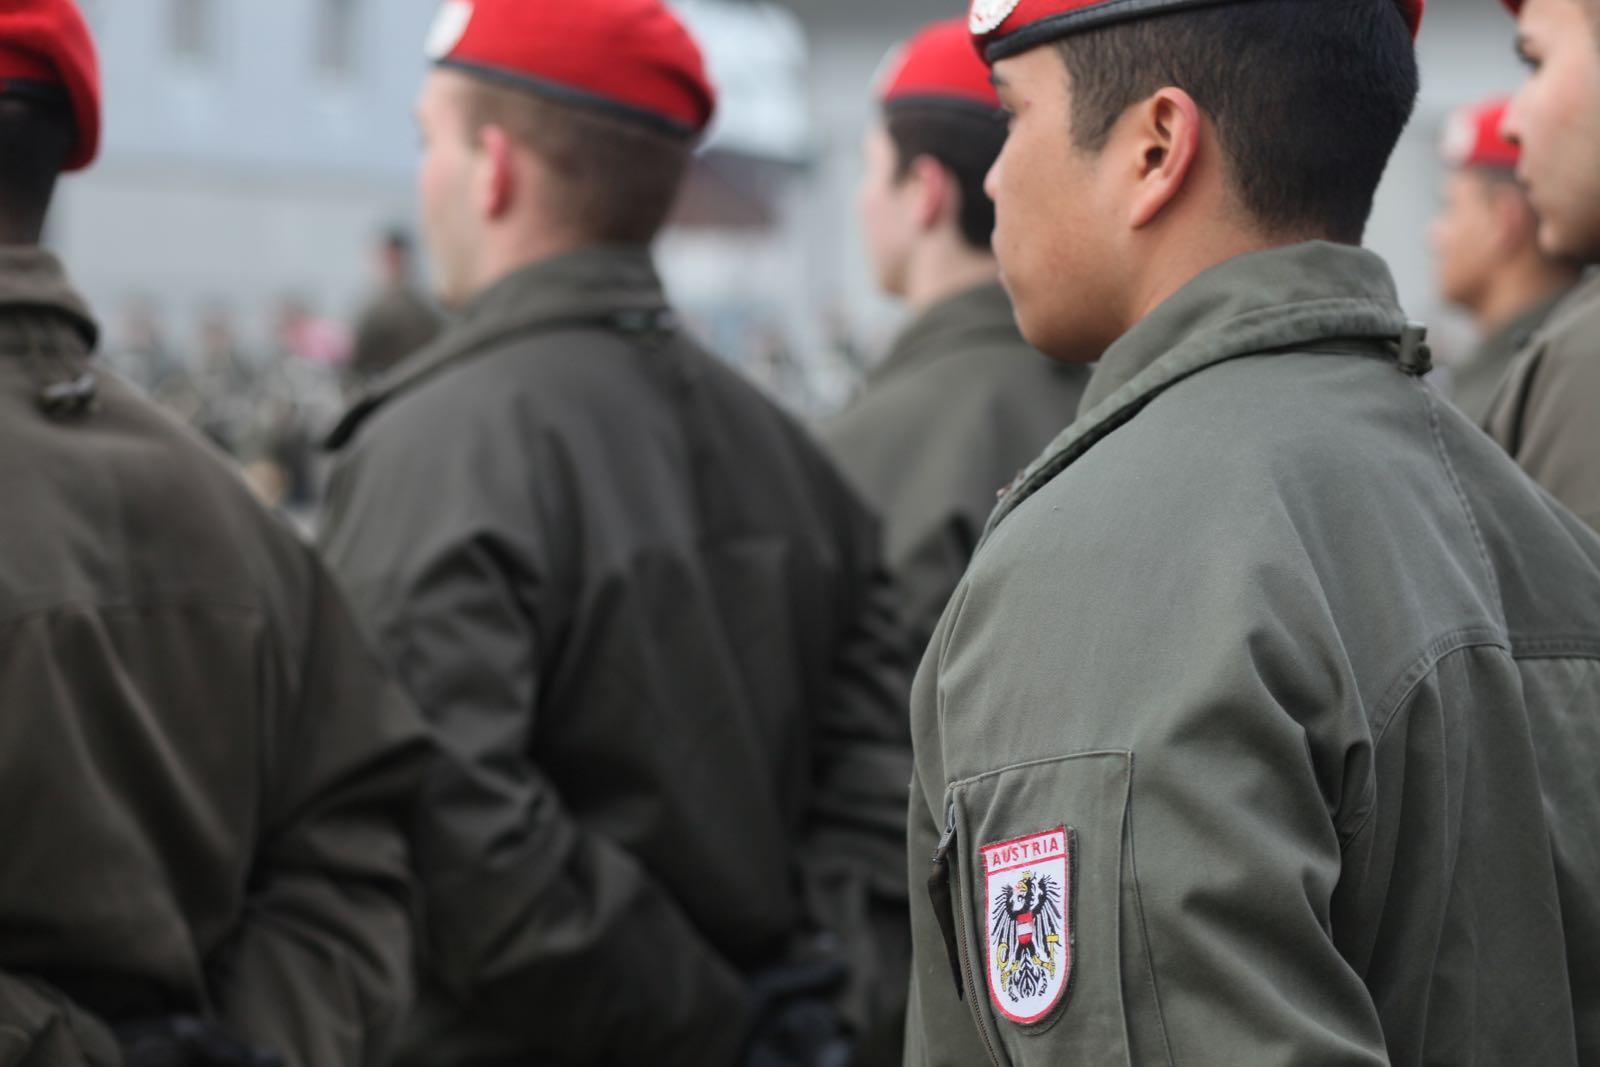 2019_02_08_5Gardekompanie_KPE_EUFOR30_Verabschiedung - 9 of 61